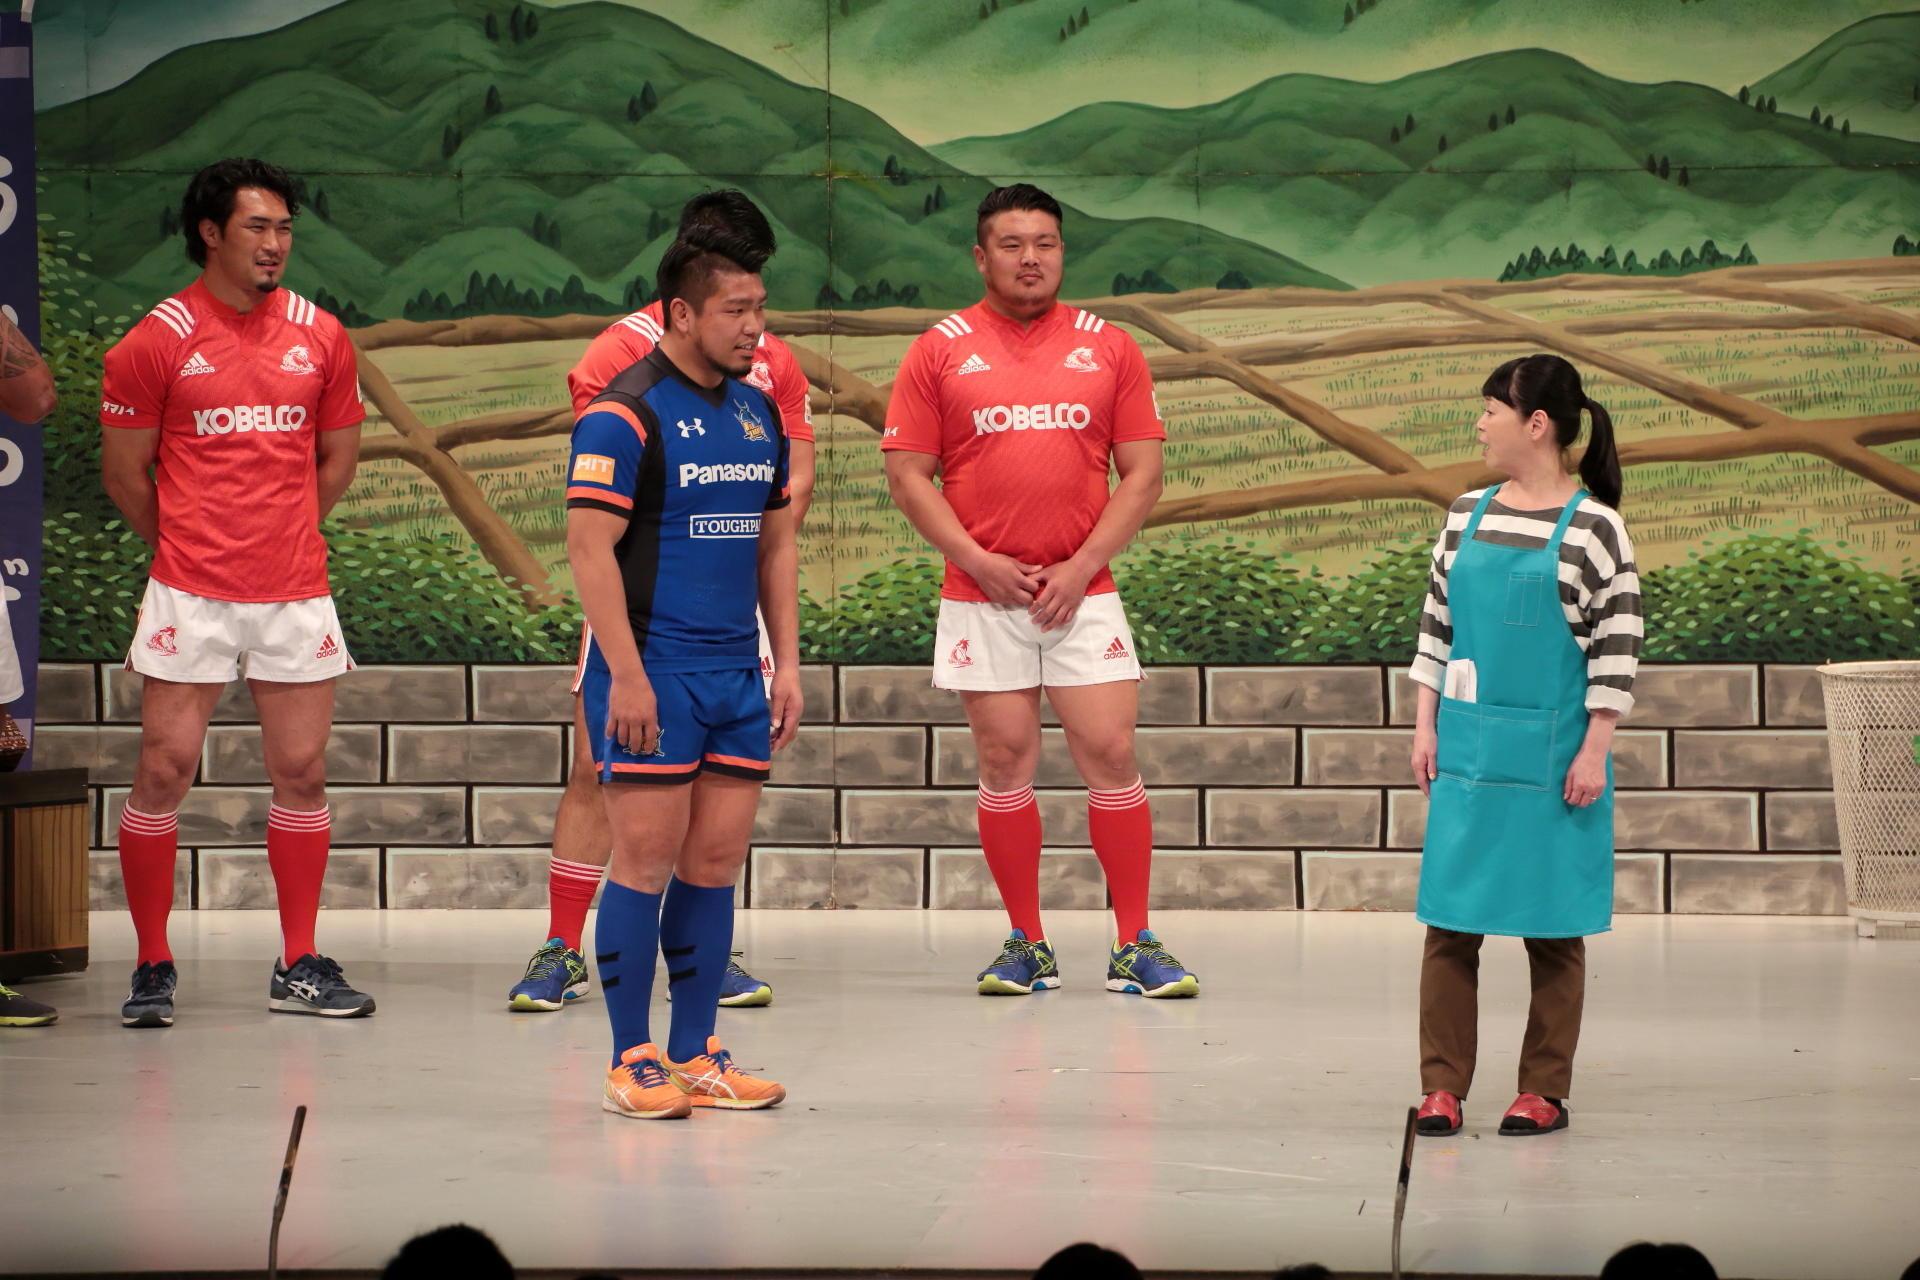 http://news.yoshimoto.co.jp/20160118173751-1afd24b061ecb82945a0054d03146d0f2d066e26.jpg